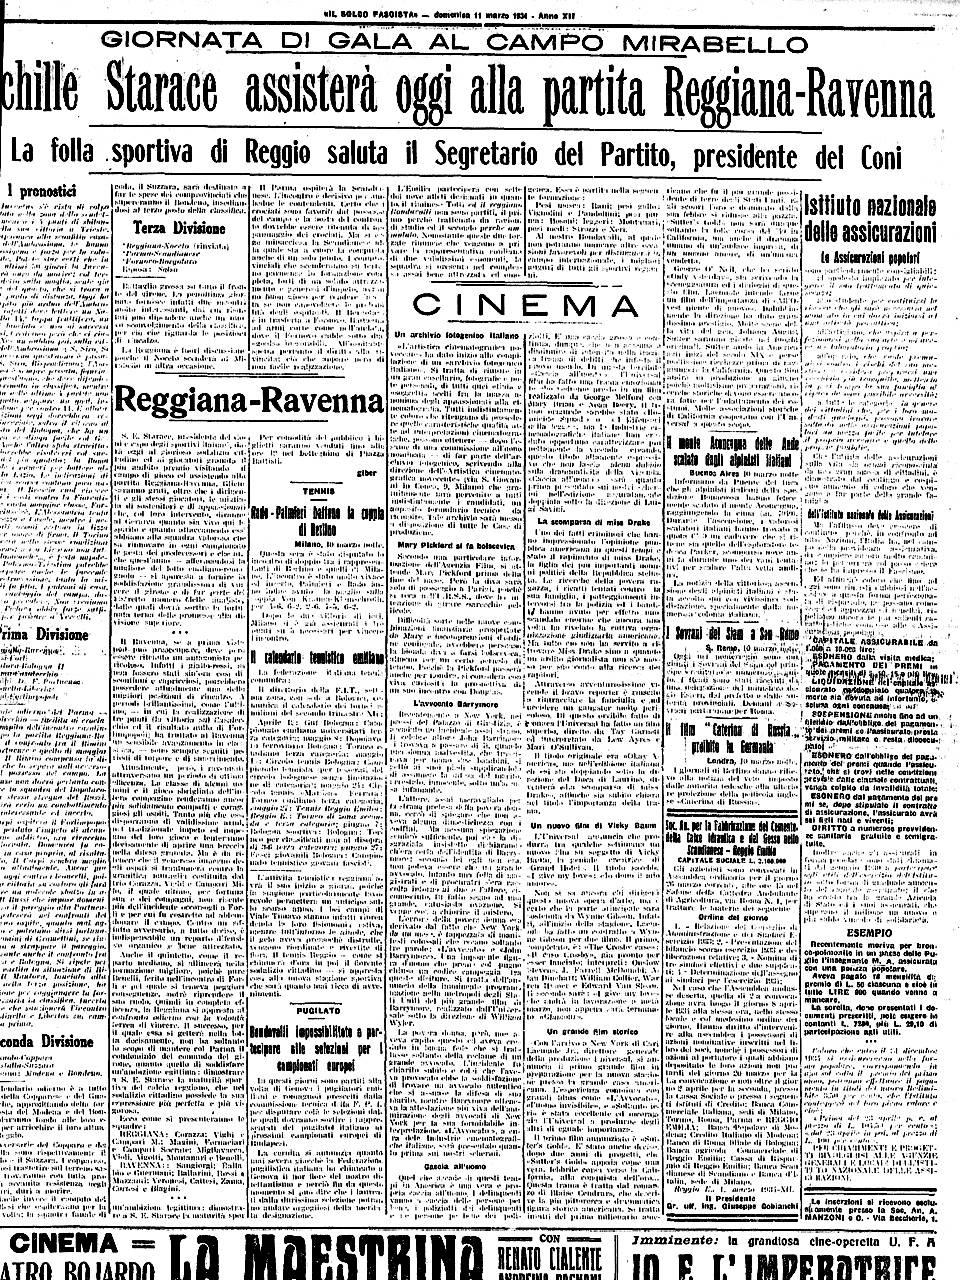 Visita Starace - Il Solco Fascista Emeroteca Biblioteca Panizzi, 11 novembre 1934